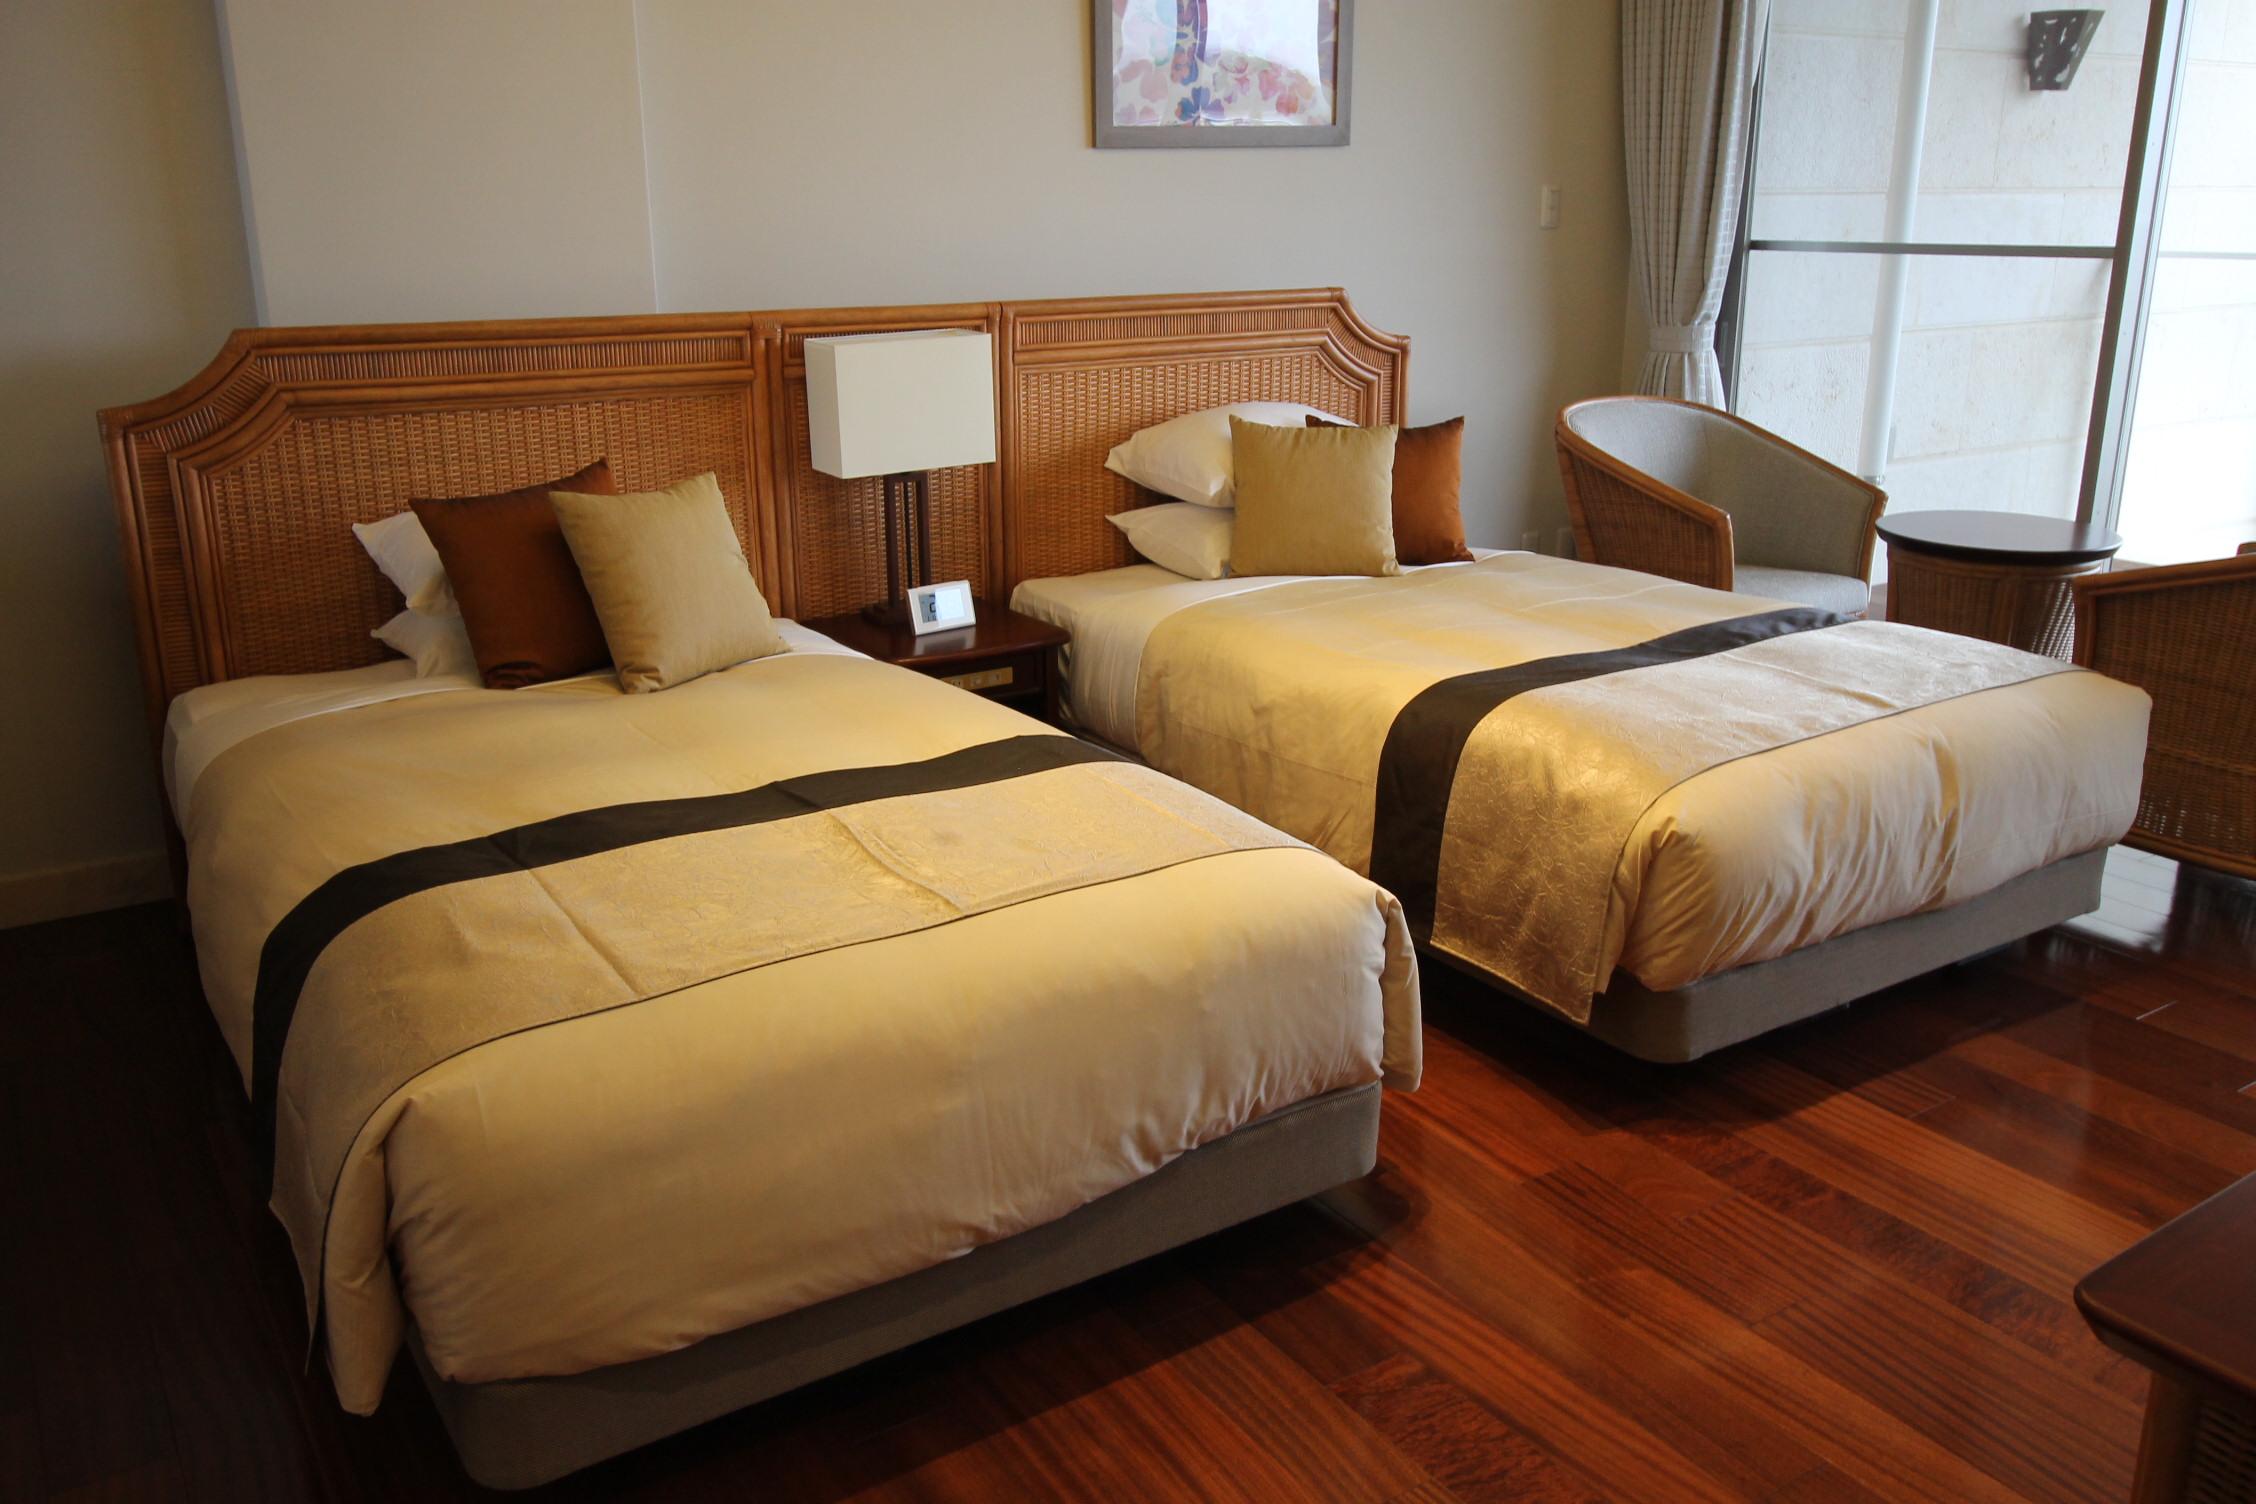 石垣リゾートホテル / ガーデンビュー1F◆エグゼクティブスイート 1BedRoom